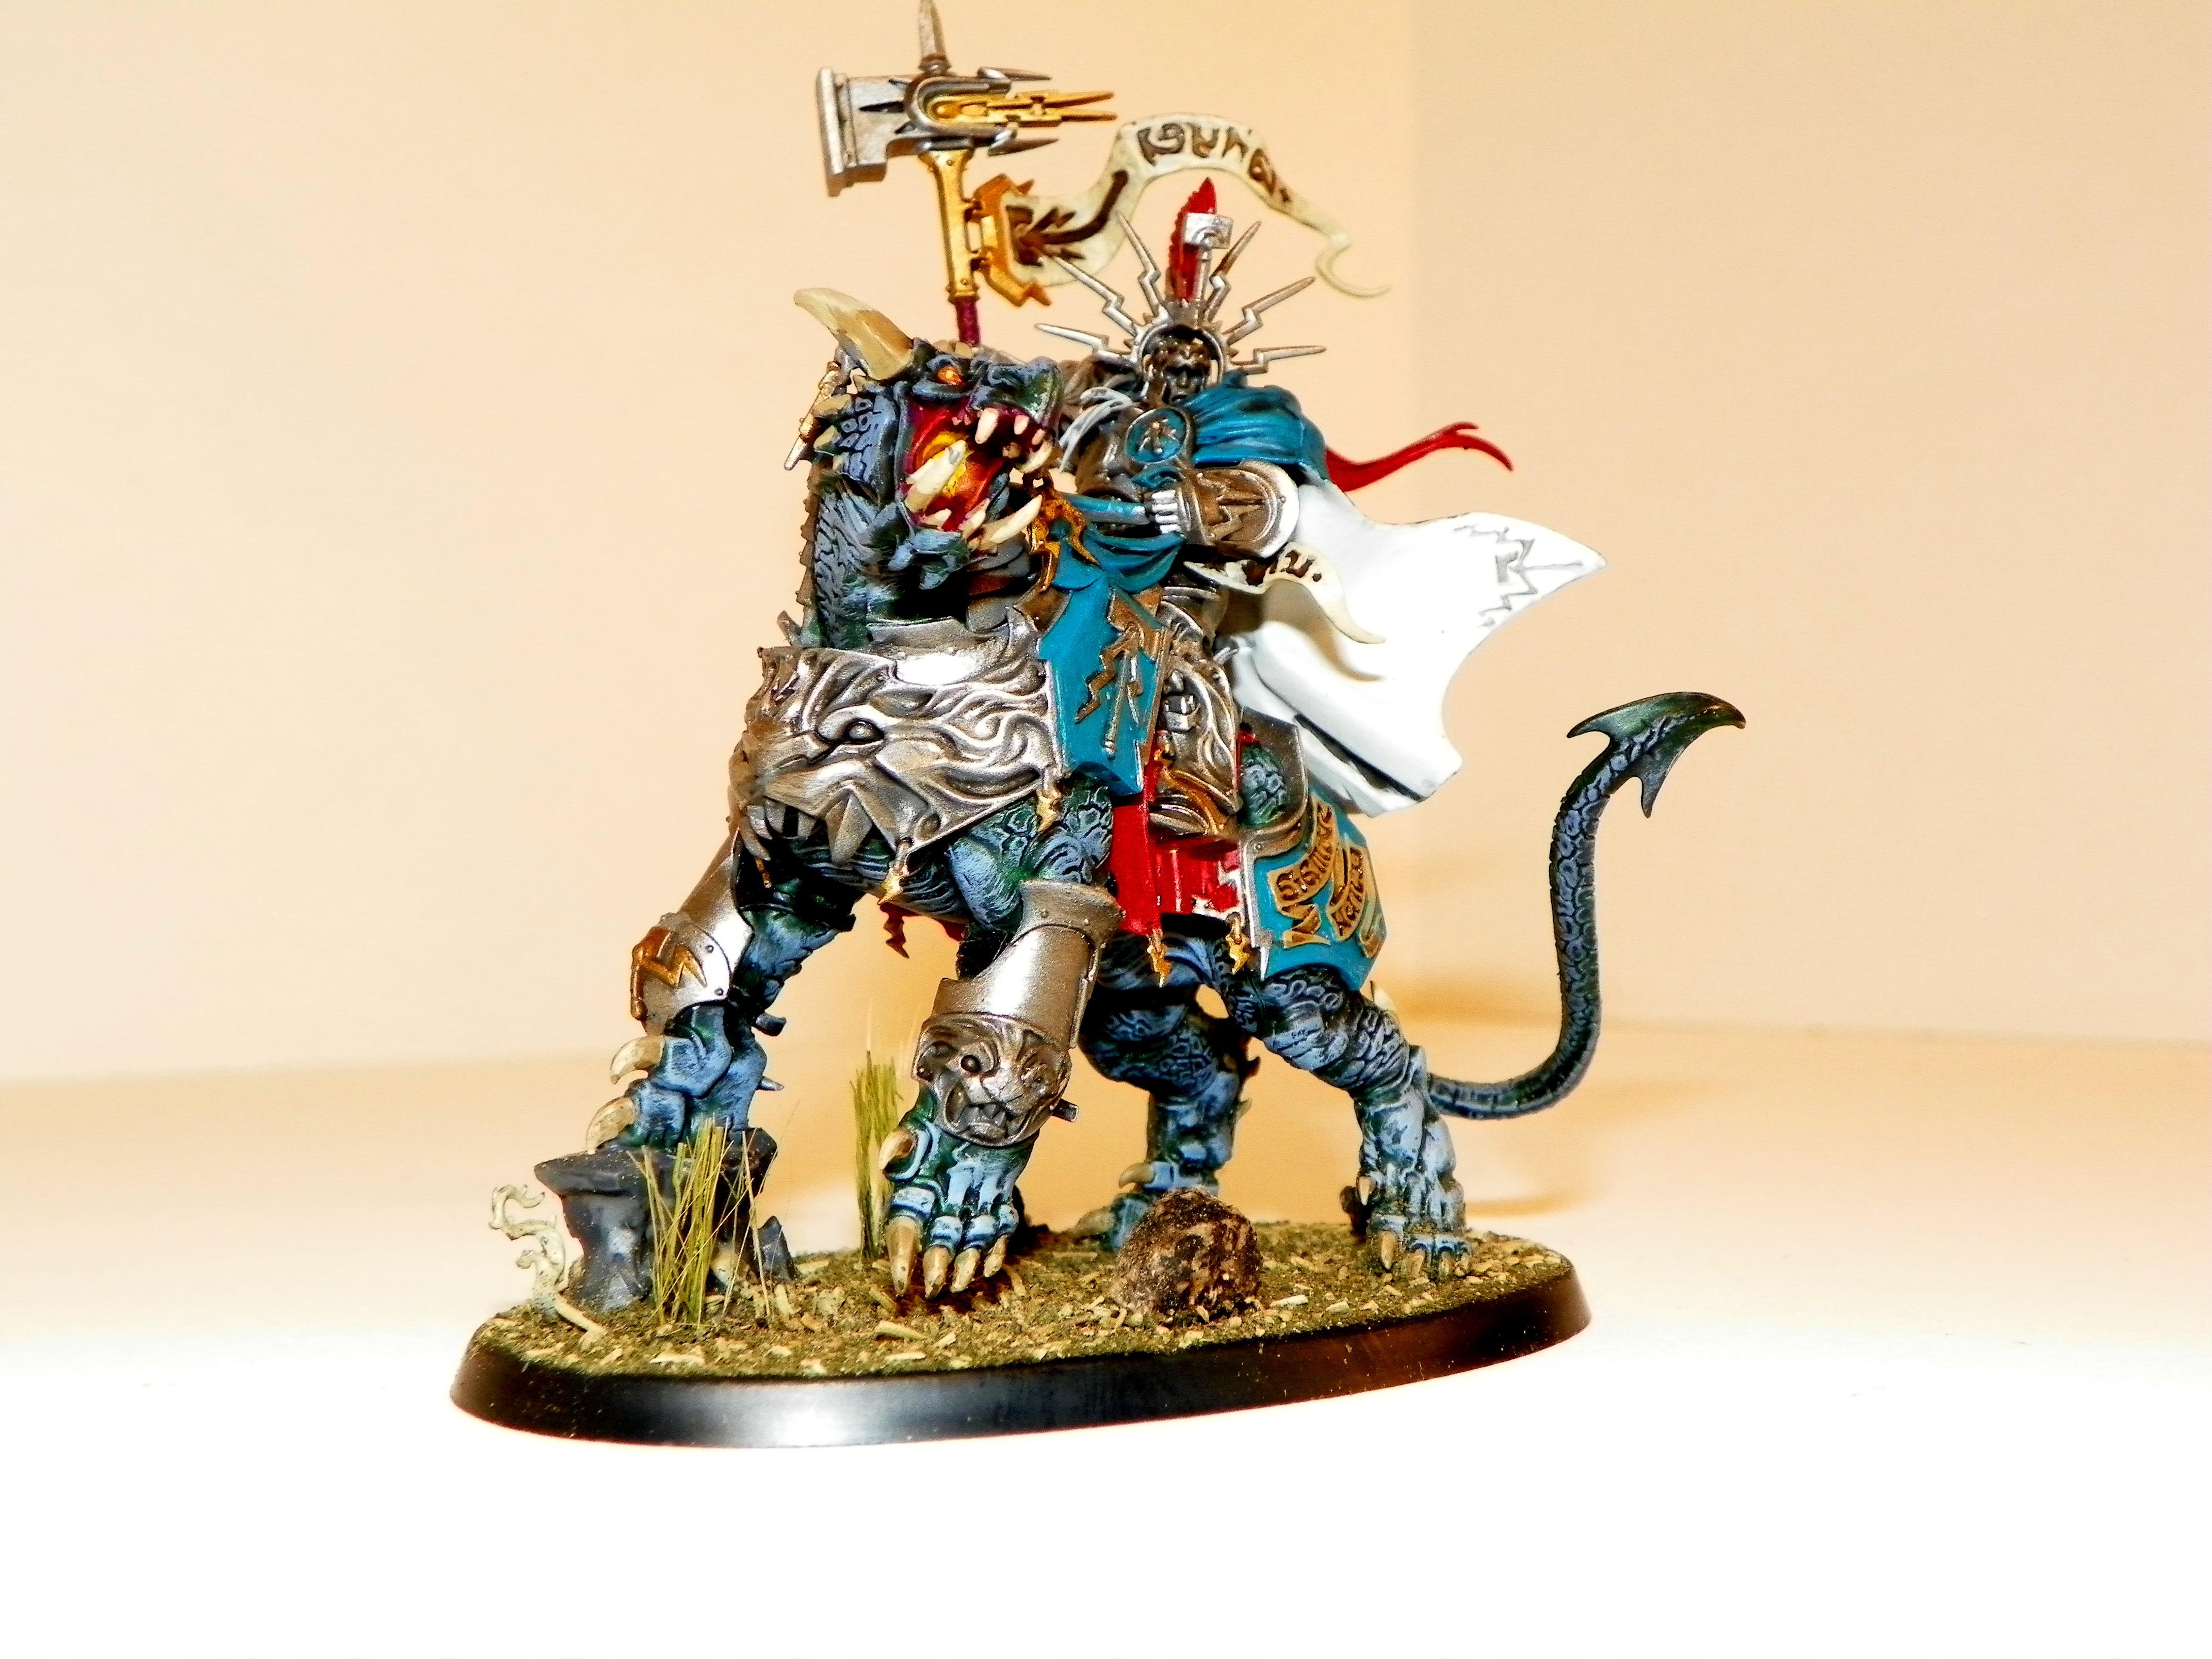 Age Of Sigmar, Celestant, Drakoth, Stormcast, Warhammer Fantasy